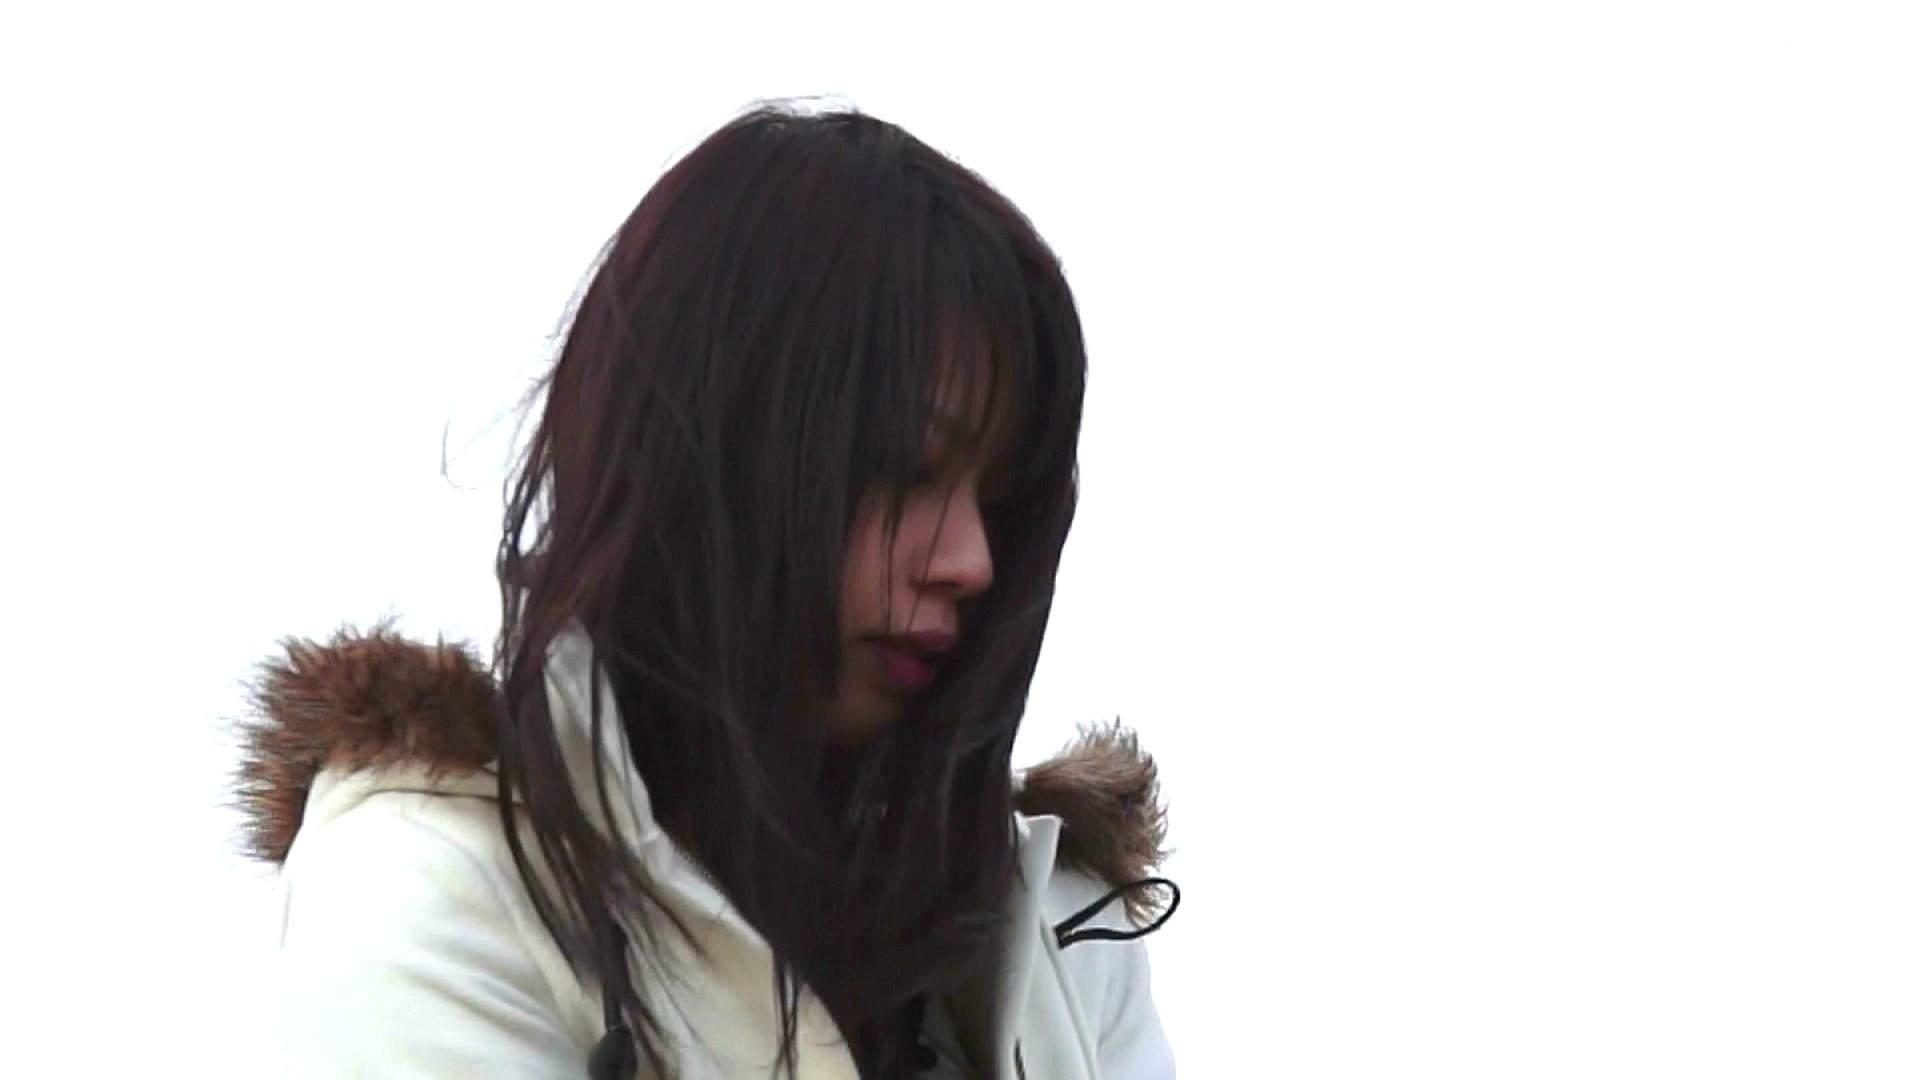 vol.2 自宅近く思い出の地で黄昏る志穂さん 高画質 AV無料 83画像 68